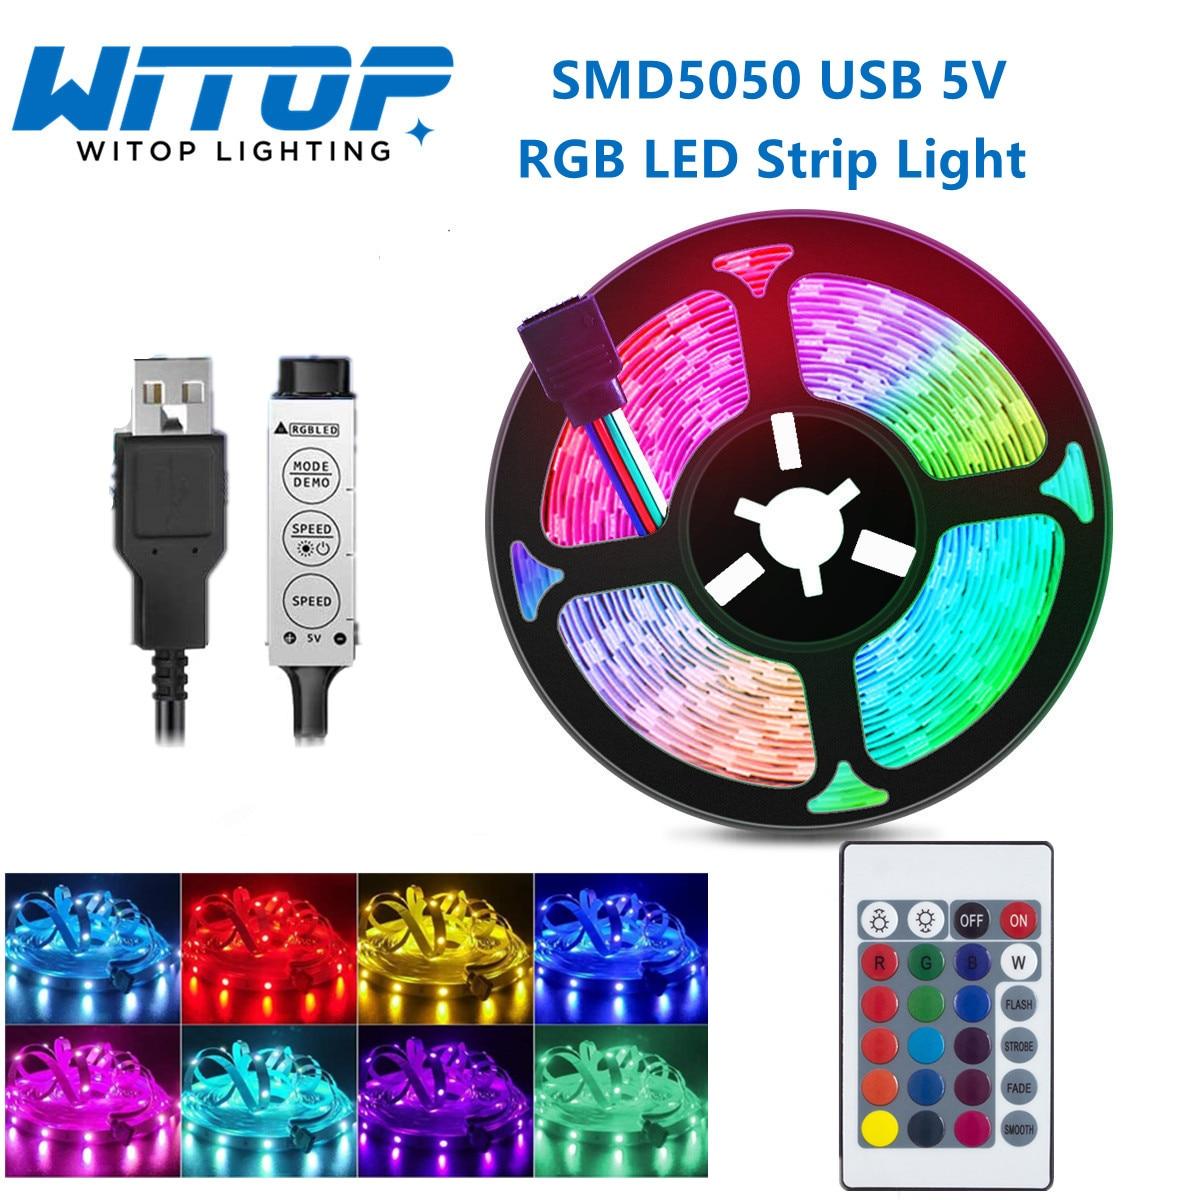 USB светодиодные ленты 5050 5V RGB подсветка для телевизора декоративная лента для ночного фестиваля вечерние спальни 24-кнопочный пульт дистанци...